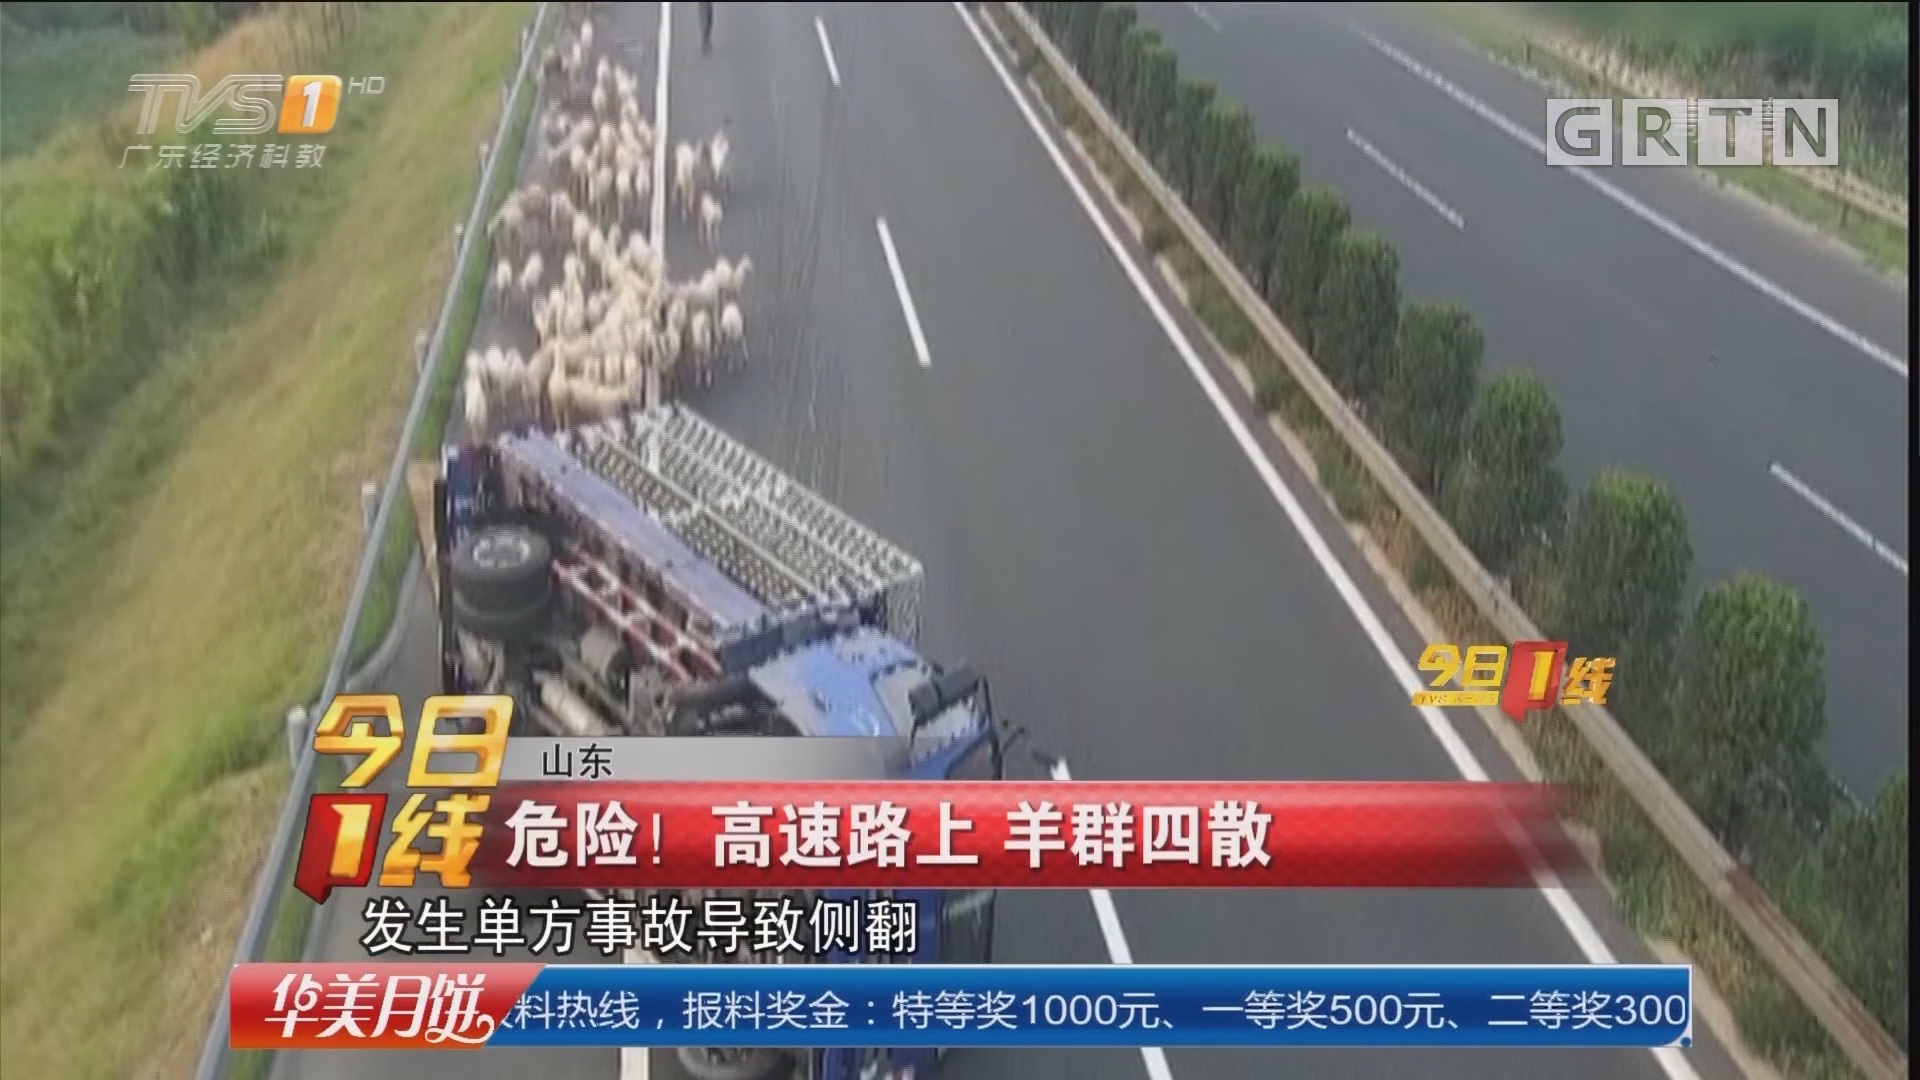 山东:危险!高速路上 羊群四散